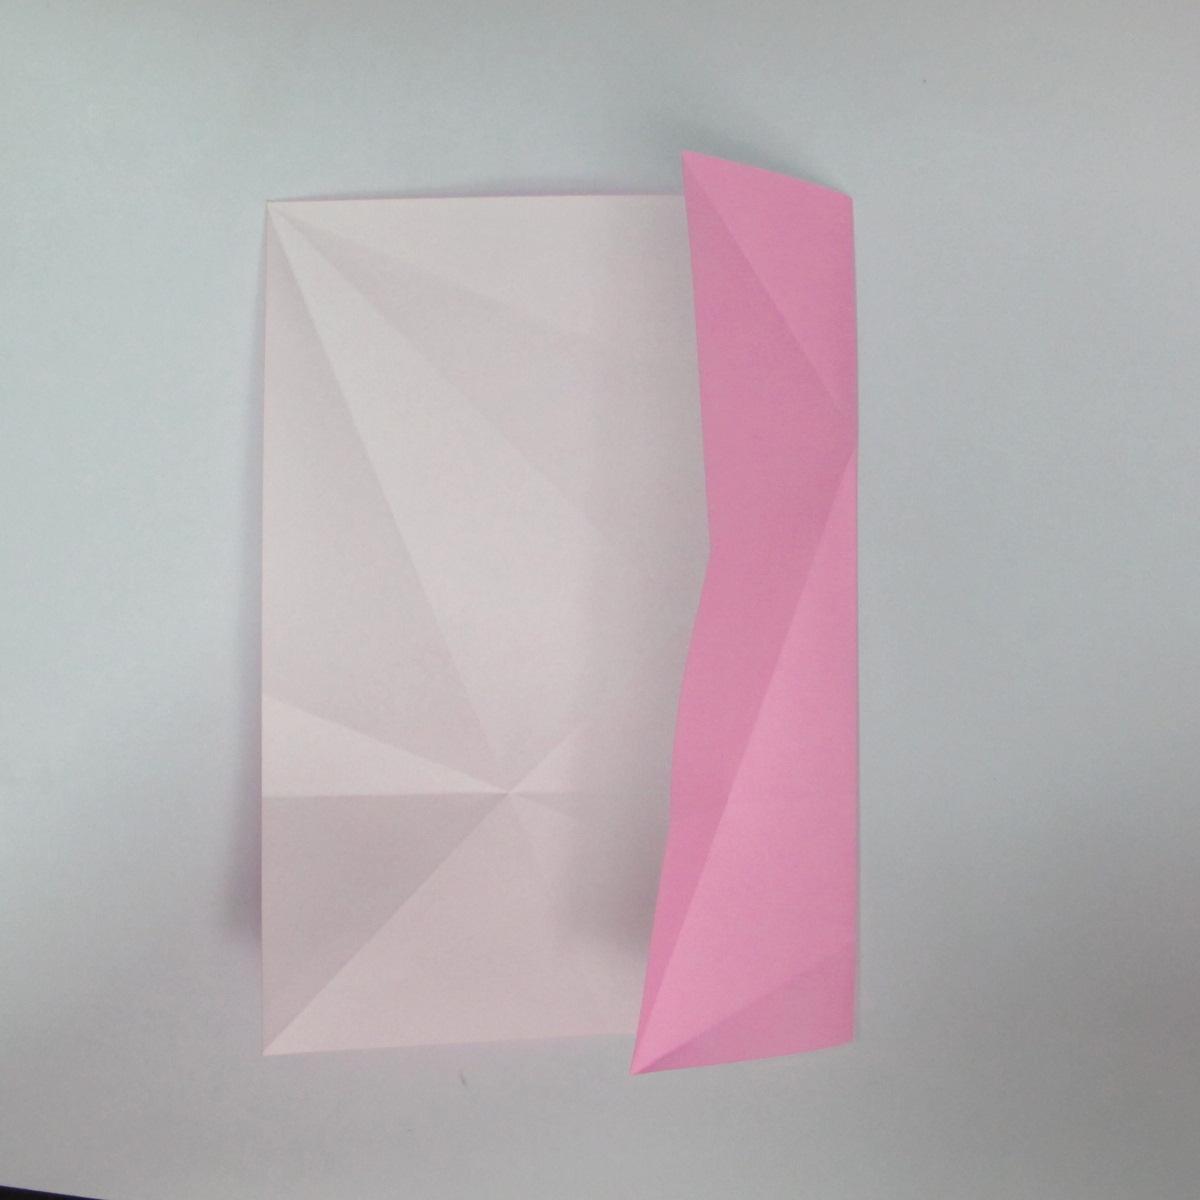 สอนการพับกระดาษเป็นลูกสุนัขชเนาเซอร์ (Origami Schnauzer Puppy) 010